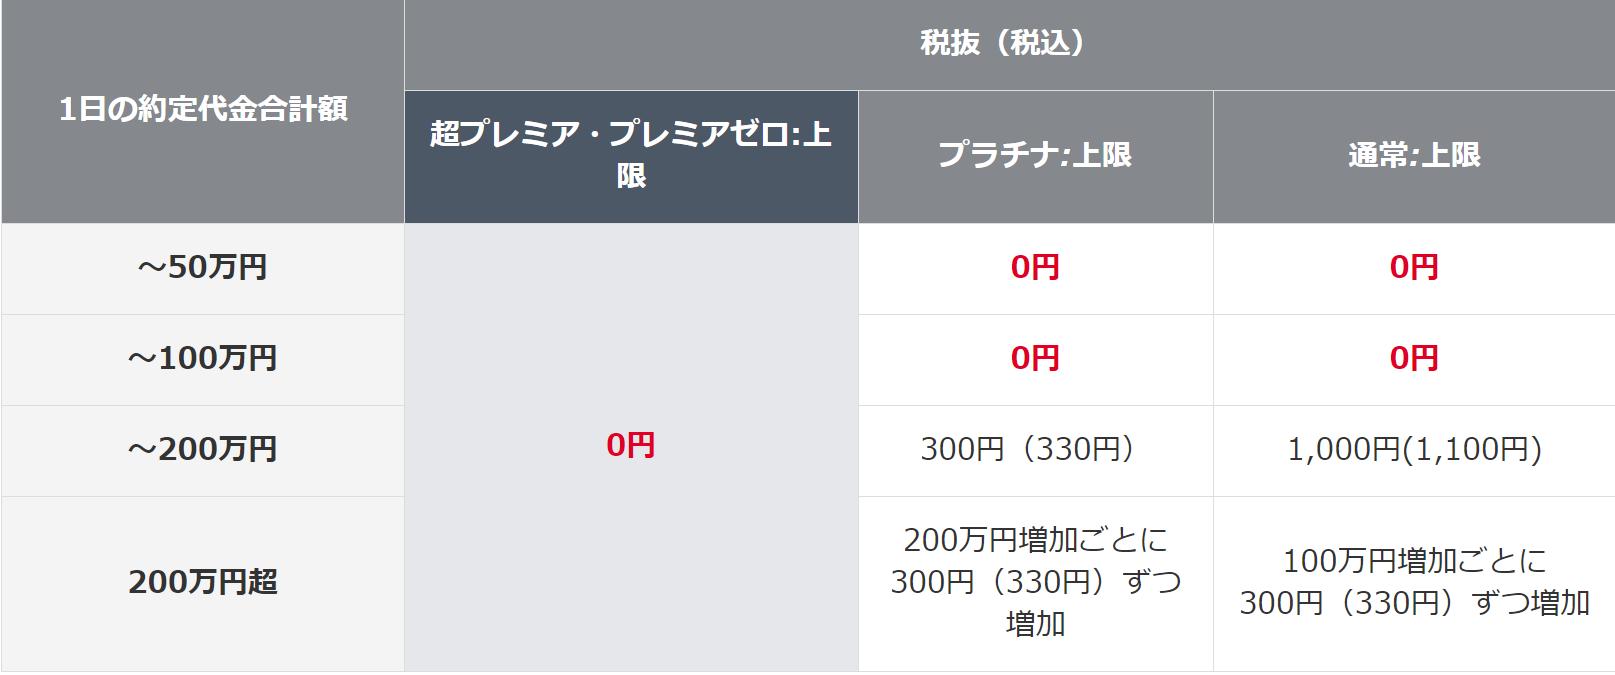 岡三オンライン証券-信用取引手数料(定額プラン)